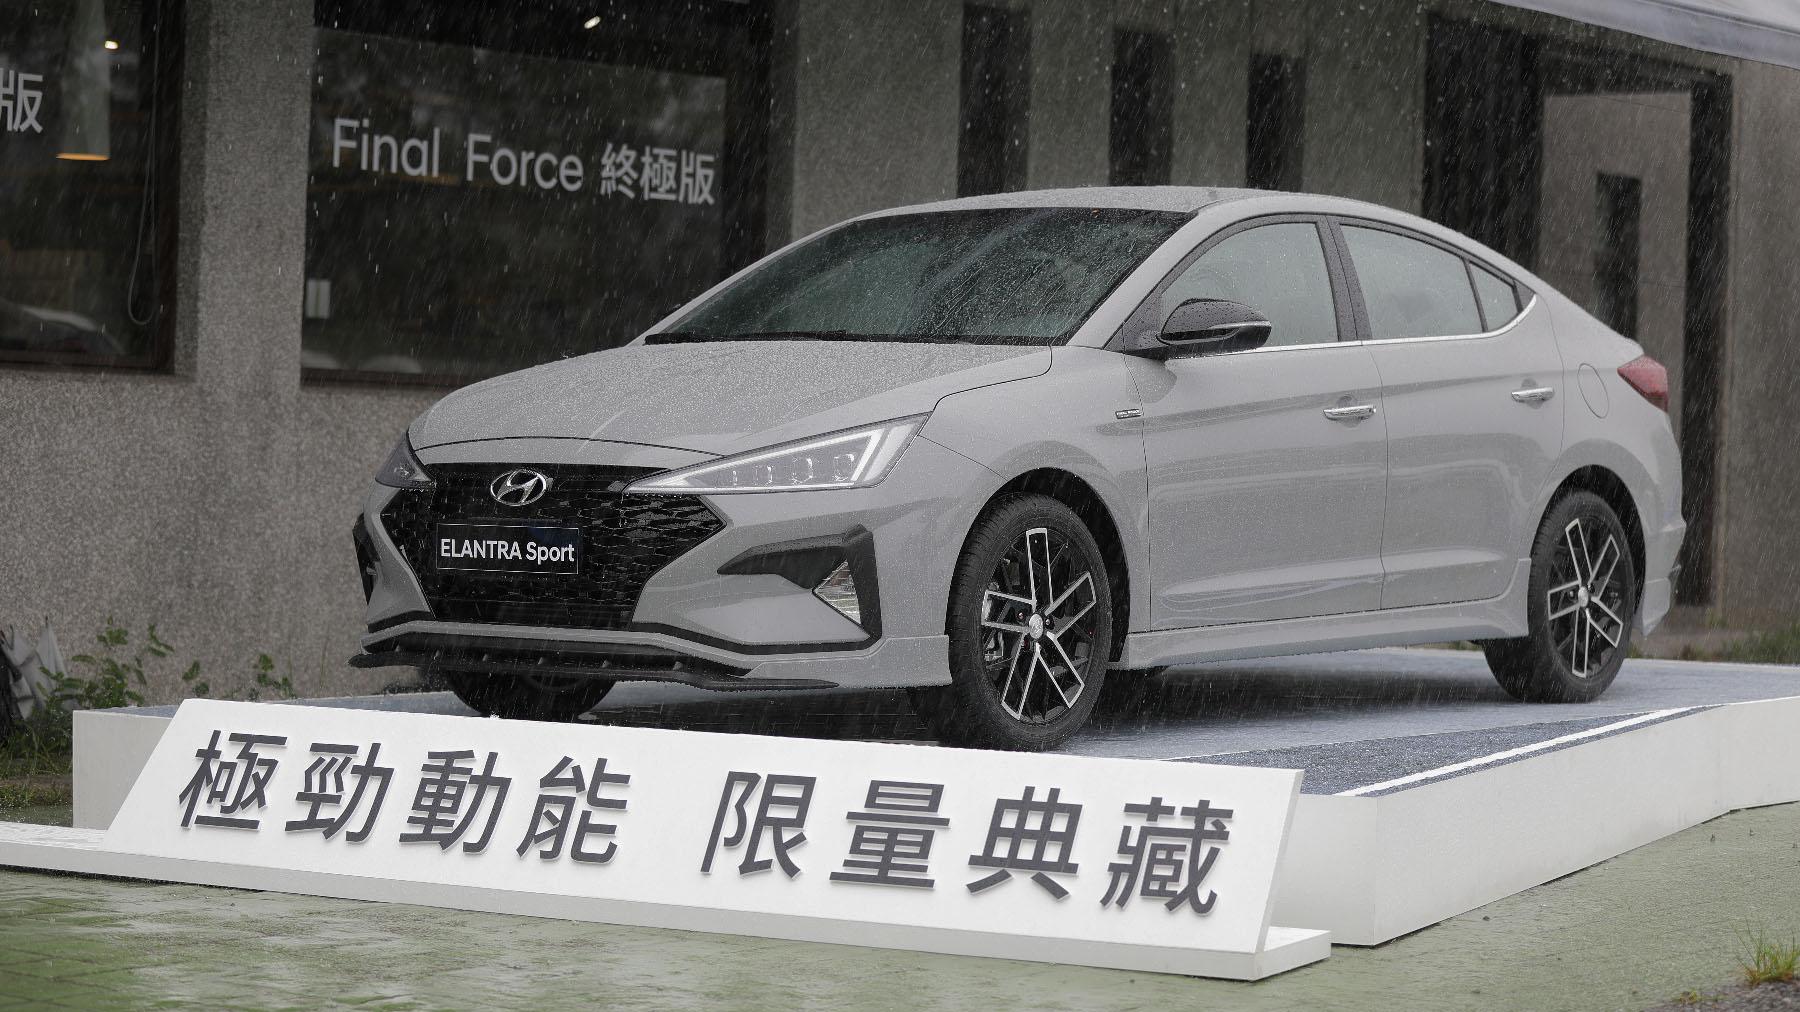 只有 300 台!Hyundai Elantra Sport 終極版 76.9 萬起發售